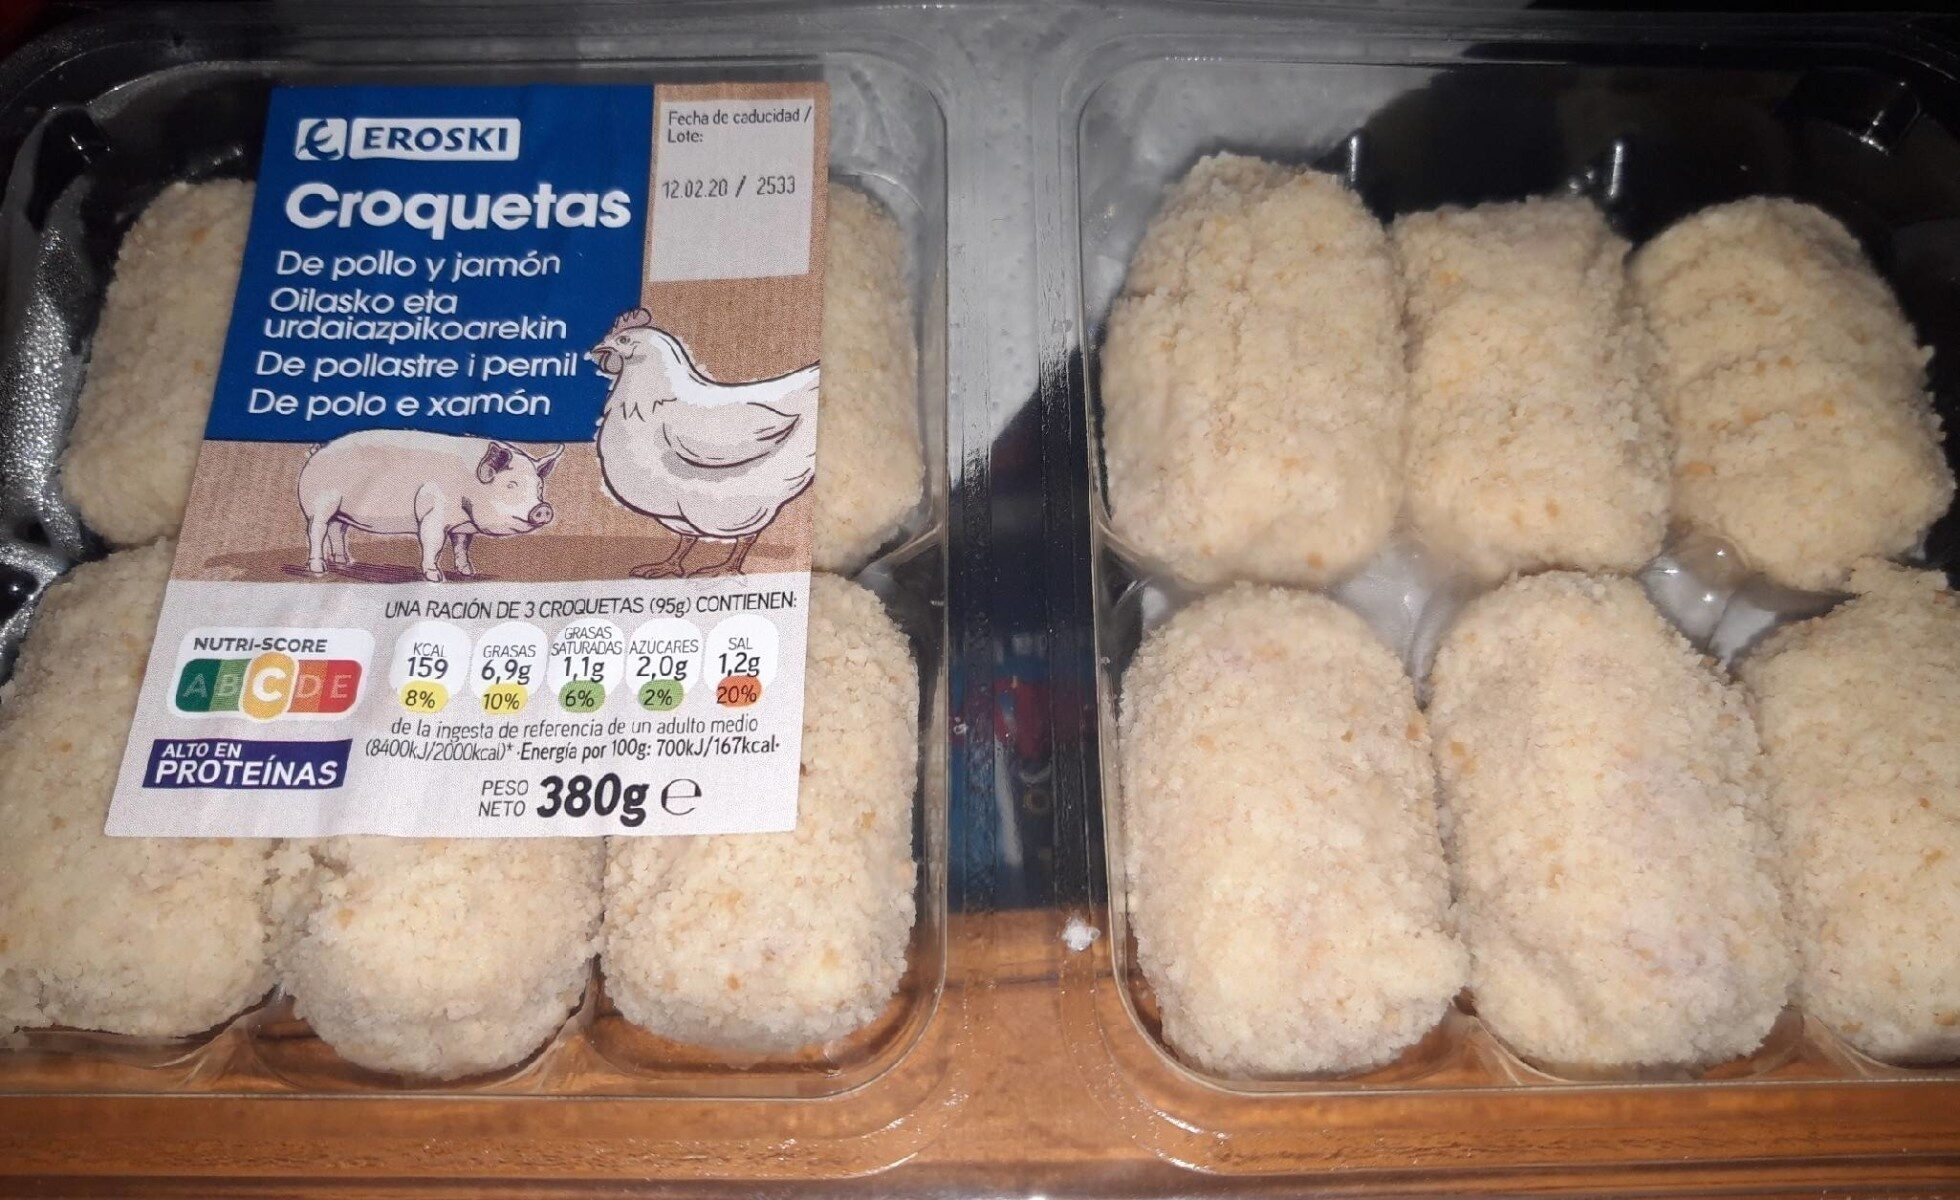 Croquetas de pollo y jamon - Product - es